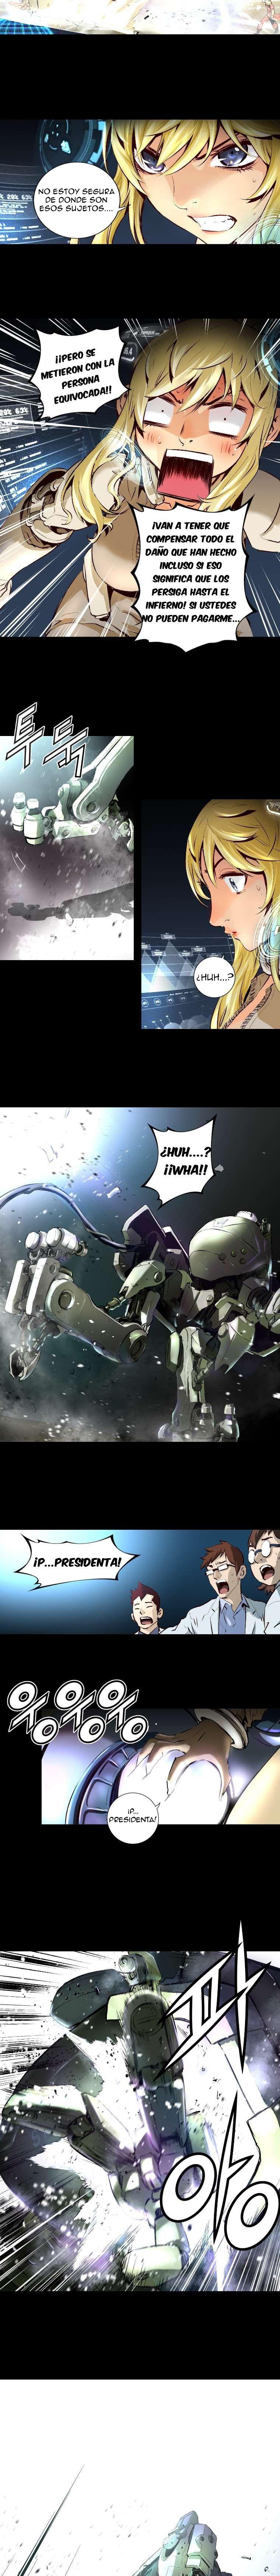 http://c5.ninemanga.com/es_manga/18/19474/462282/e96b07acb4f9f90f7038004ece14038f.jpg Page 10